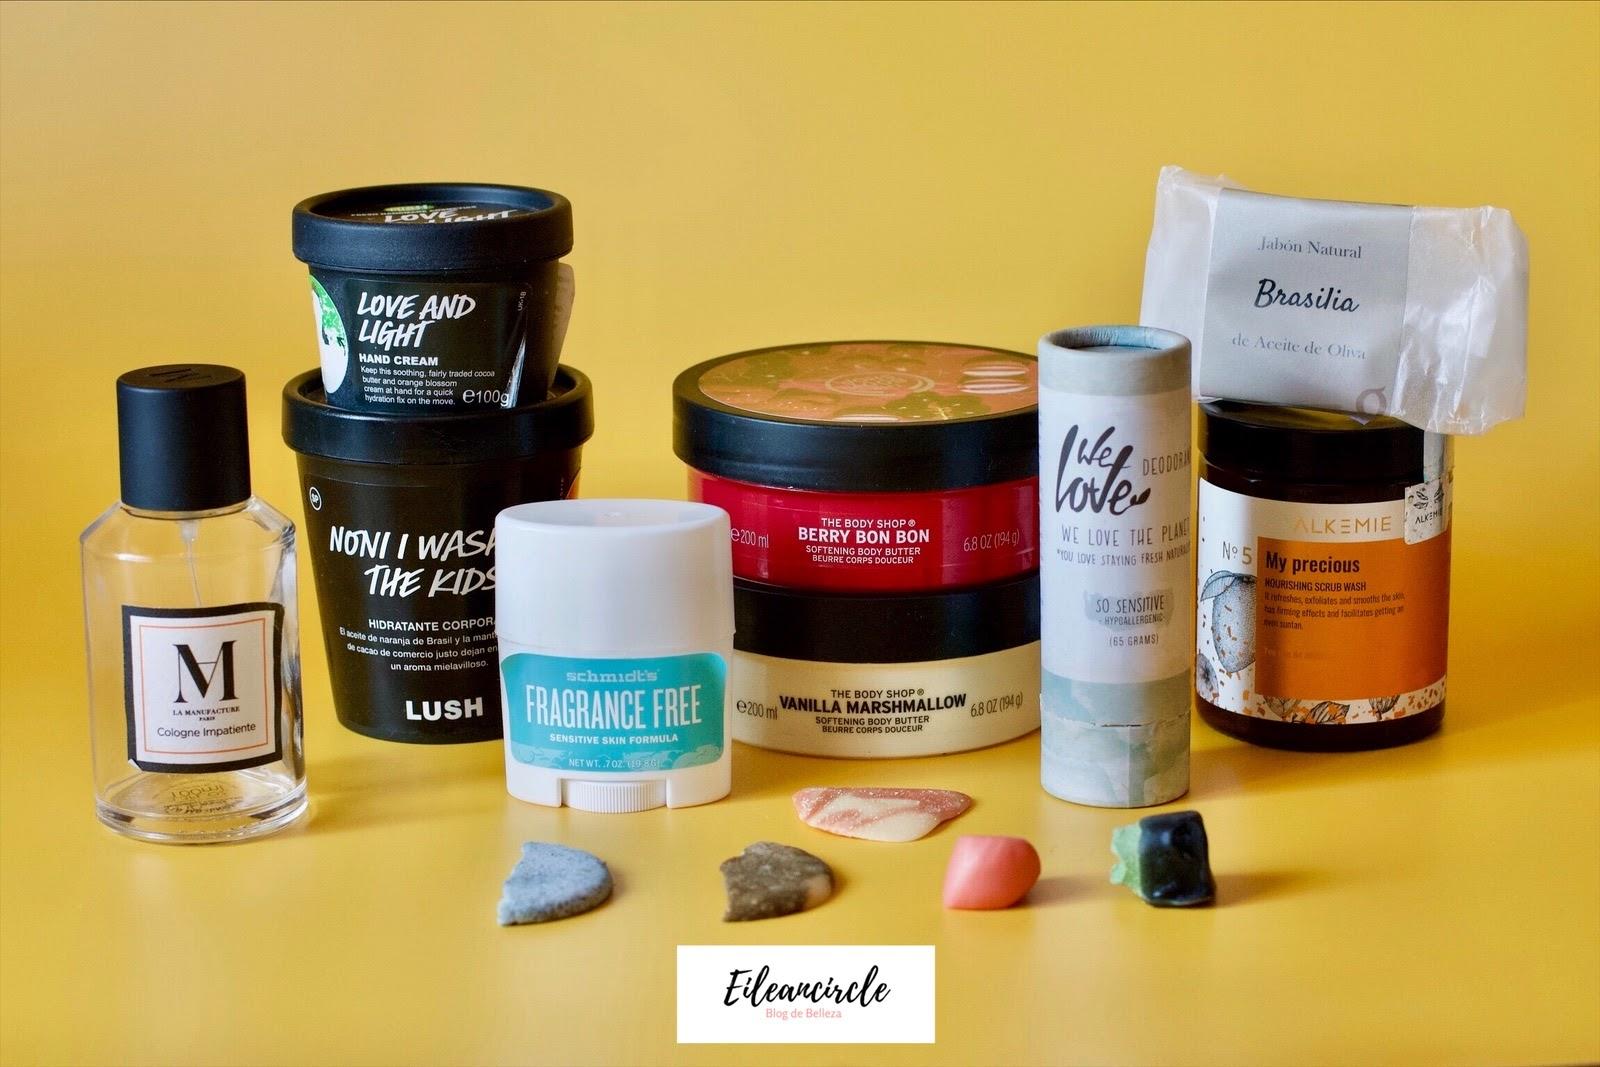 productos terminados, productos acabados, cosmética nicho